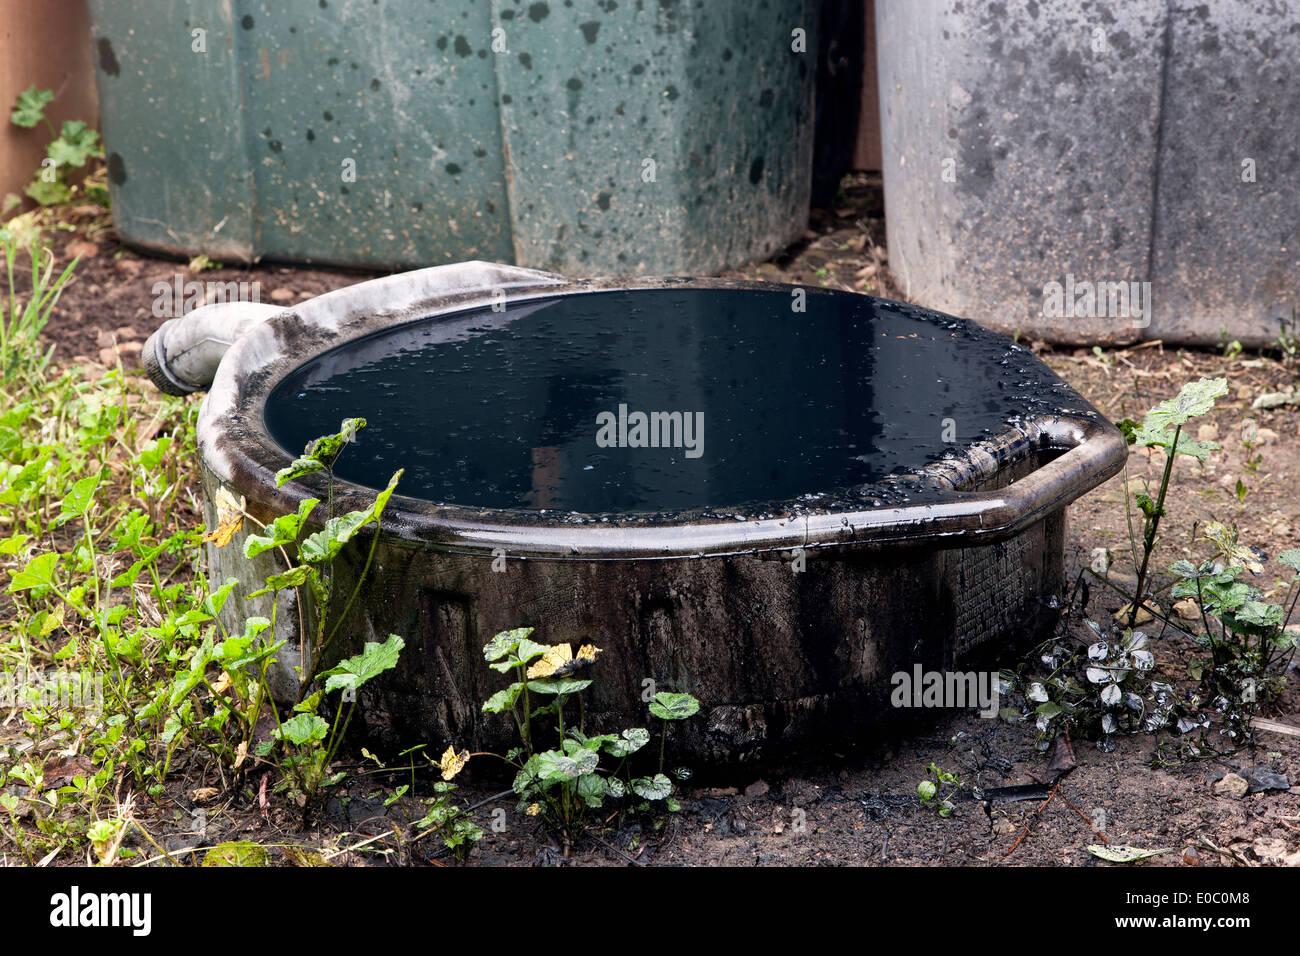 Bac de vidange d'huile d'éclaboussure, débordant contenant de l'huile moteur sale. Photo Stock